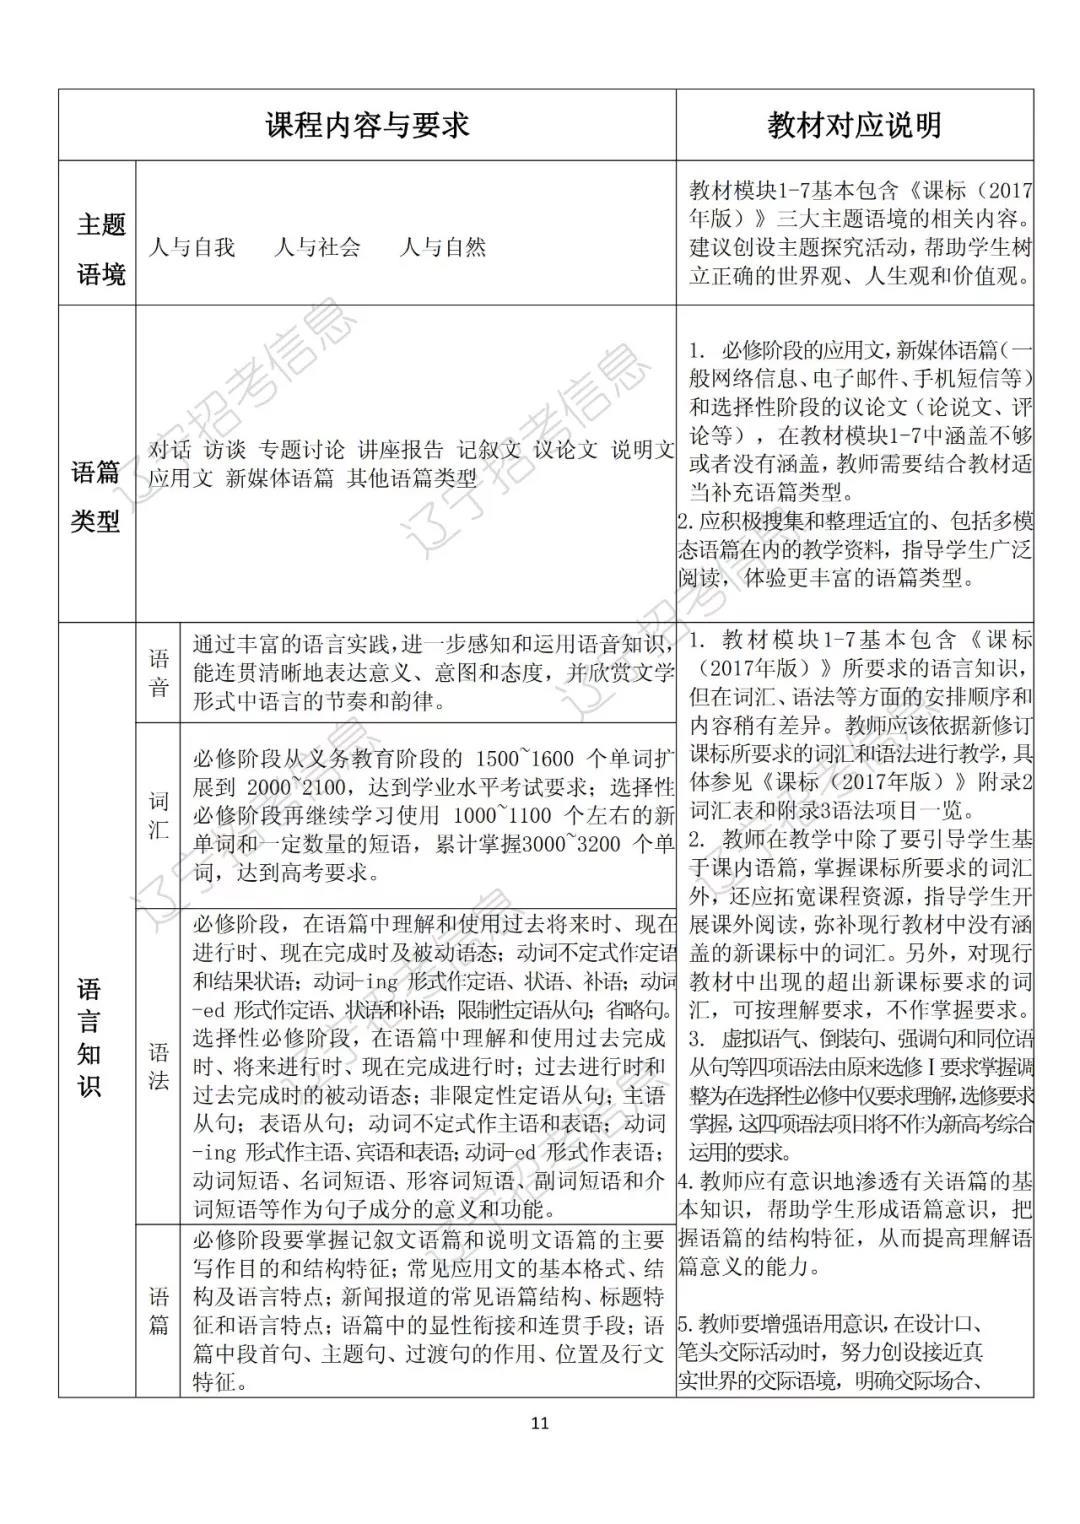 辽宁普通高中2018级中学学生学科经纶内容调陈吗有高部分课程中图片